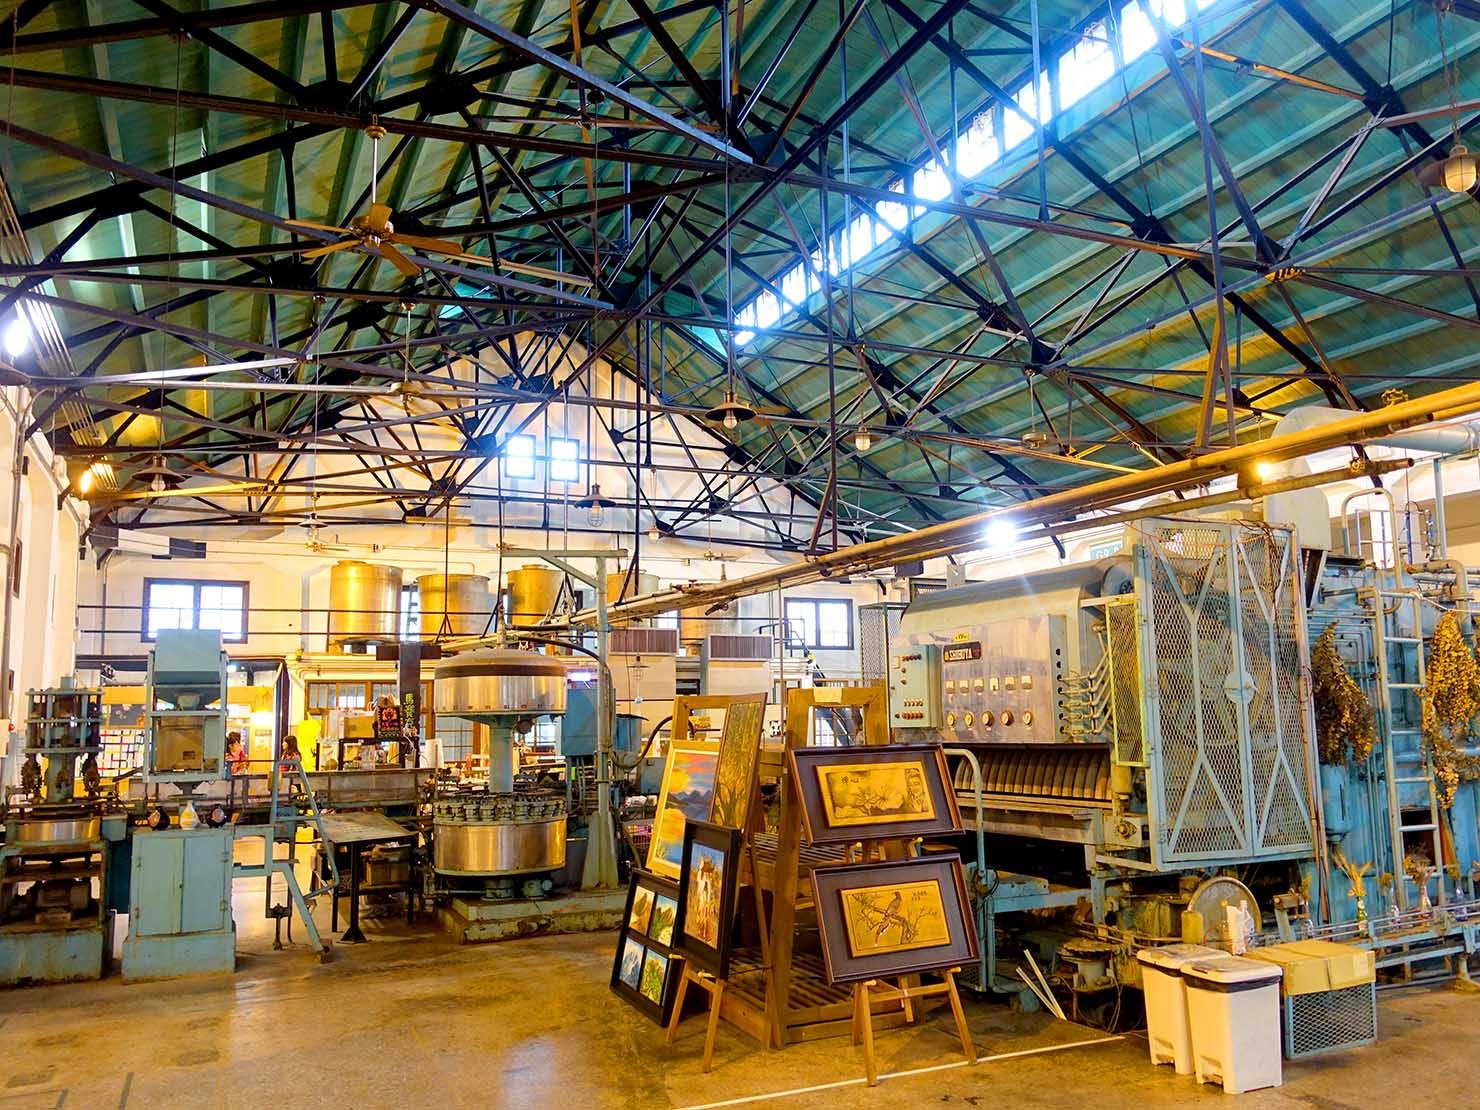 嘉義のおすすめ観光スポット「嘉義文創園區」の工場内